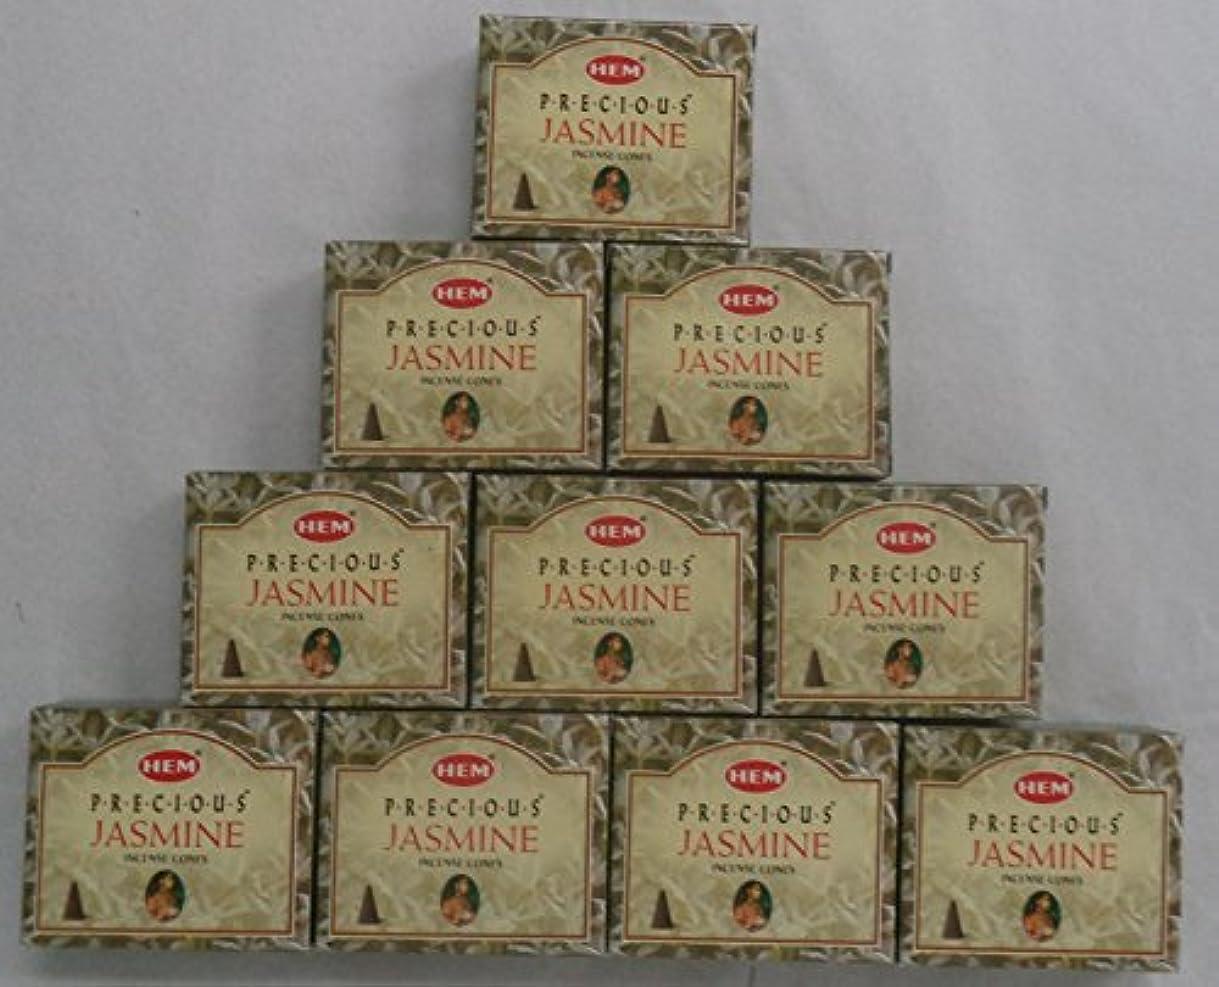 カポックサーキットに行くリダクターHEM Incense Cones: Precious Jasmine - 10 Packs of 10 = 100 Cones by Hem